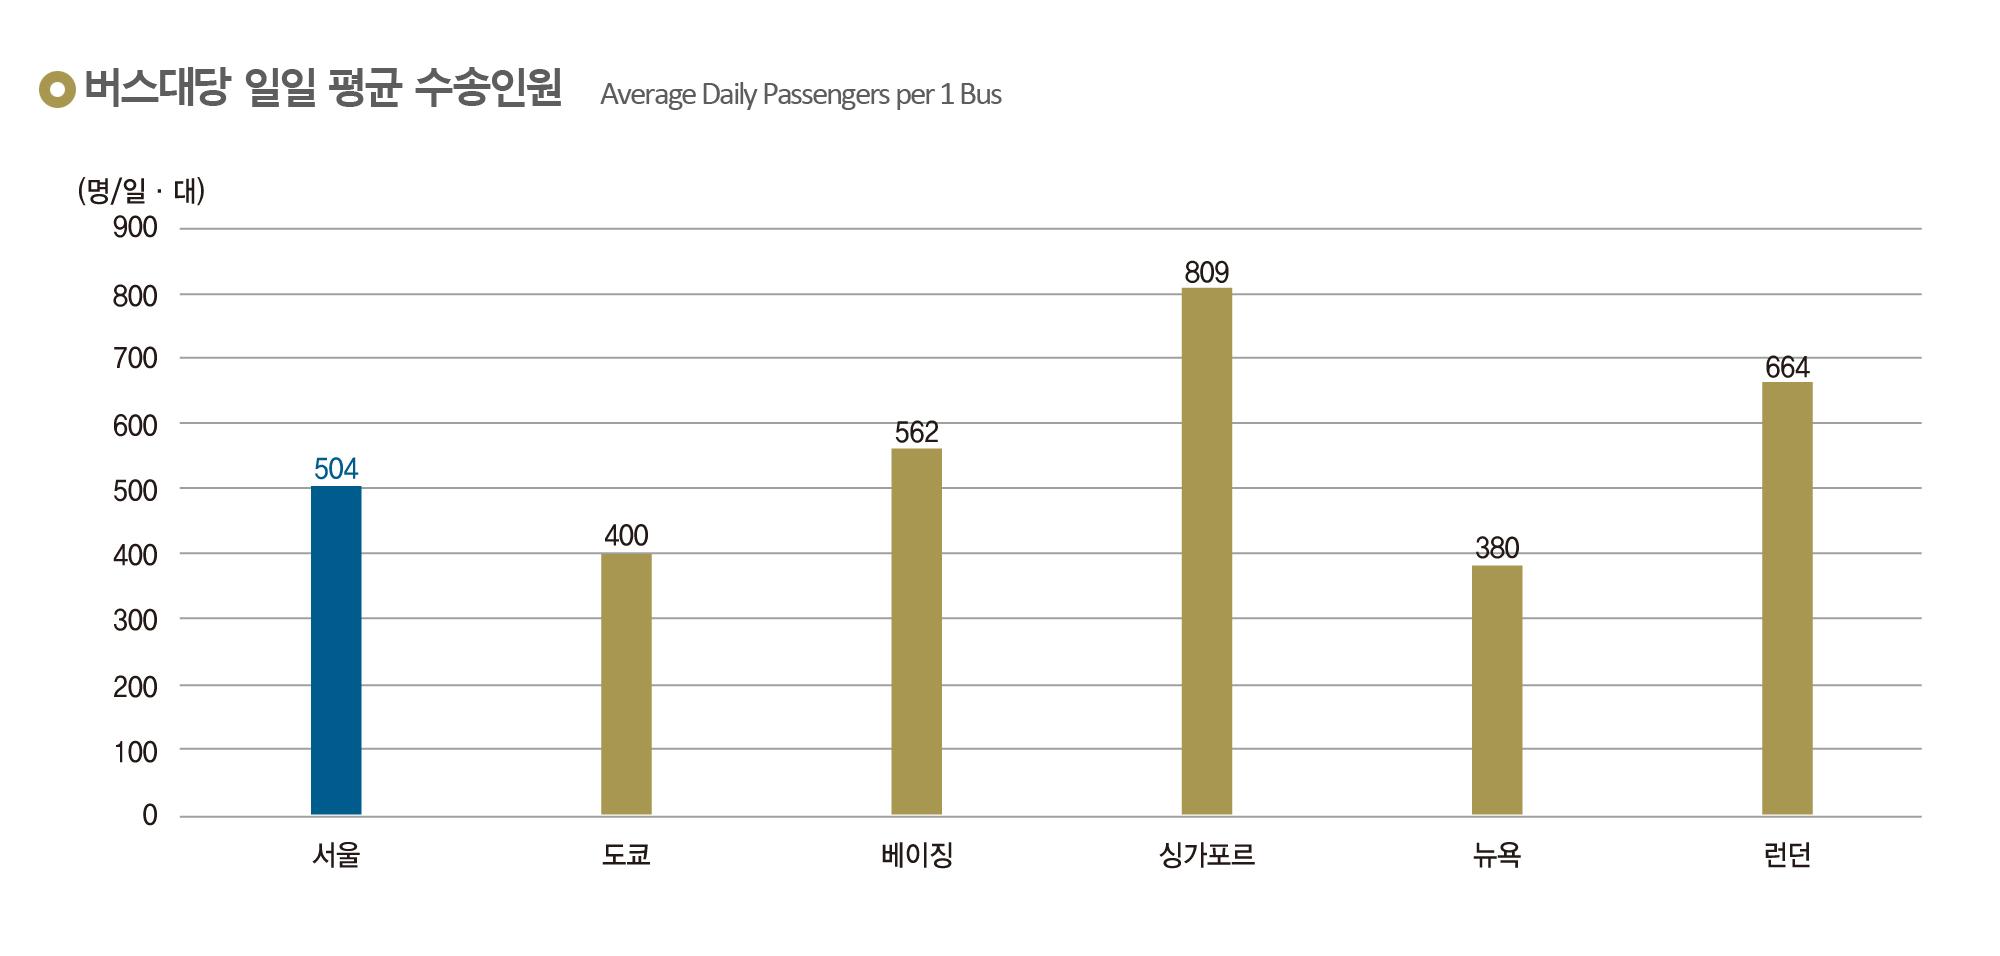 버스대당 일일 평균 수송인원